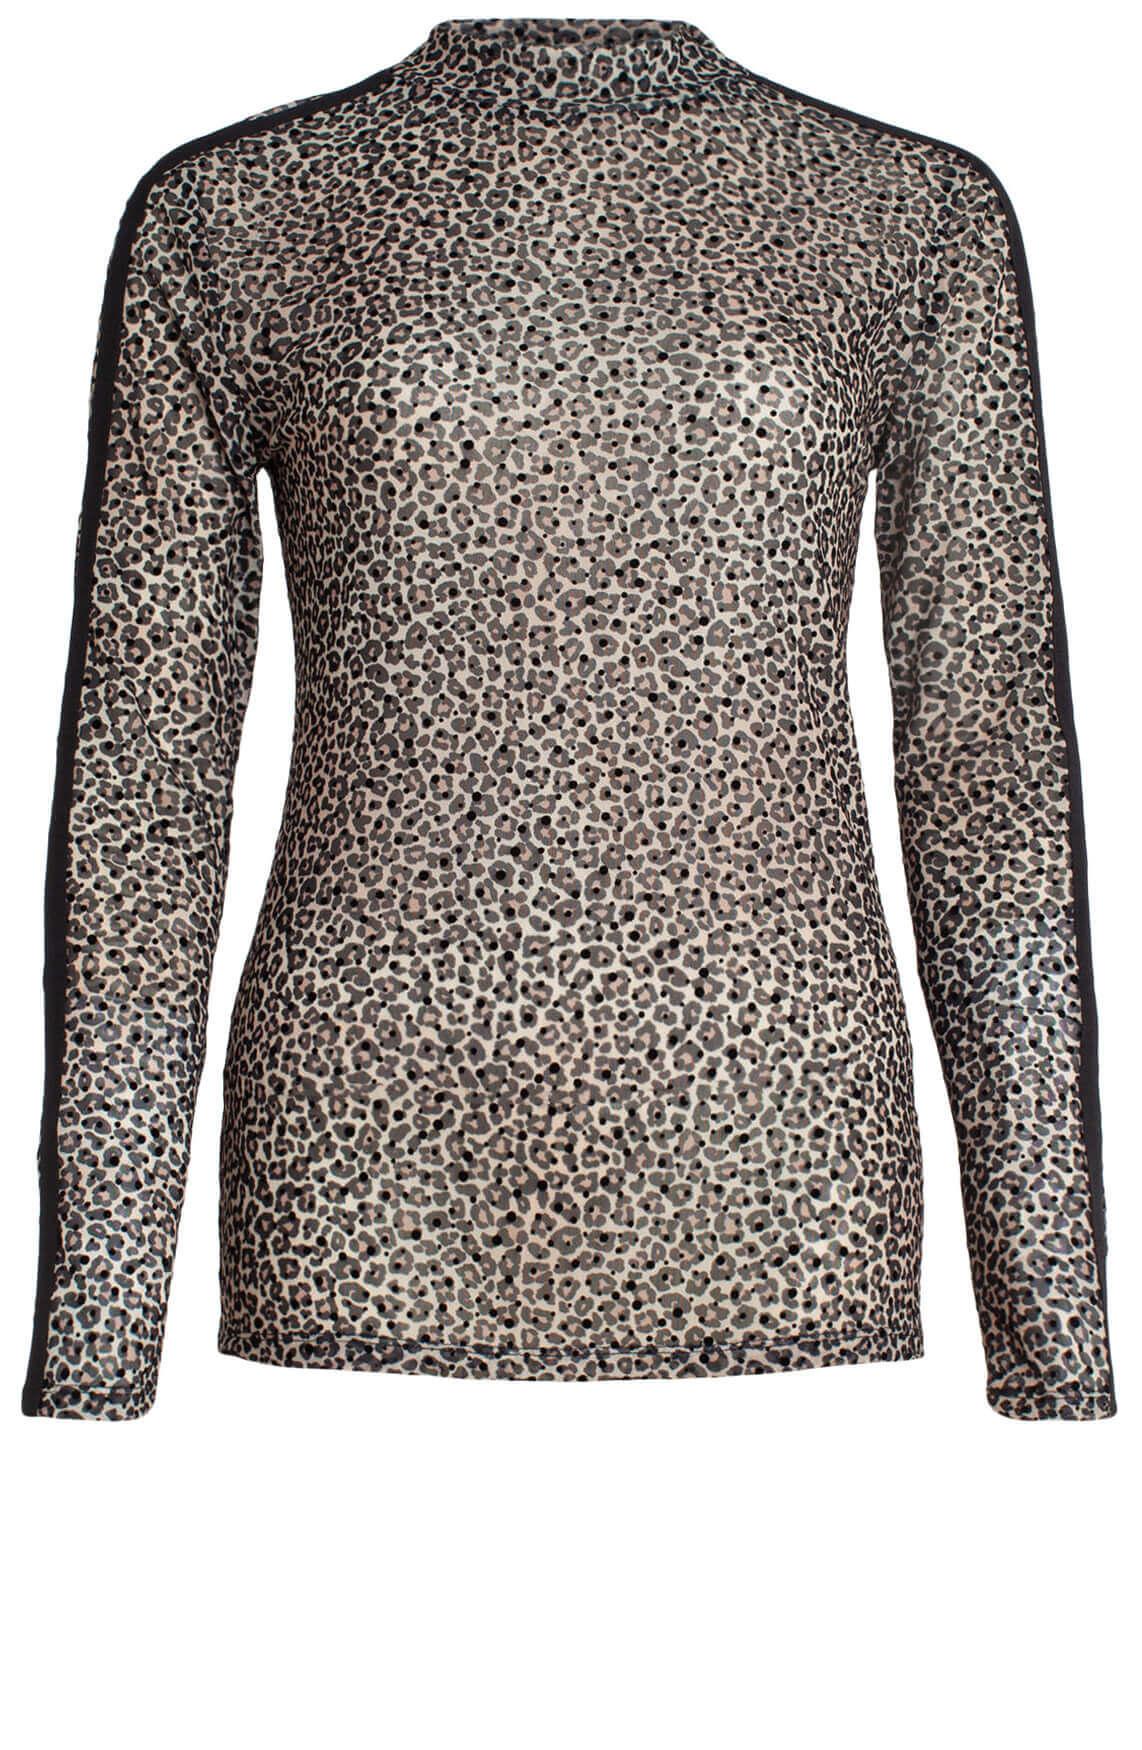 Anna Dames Shirt met panterprint zwart